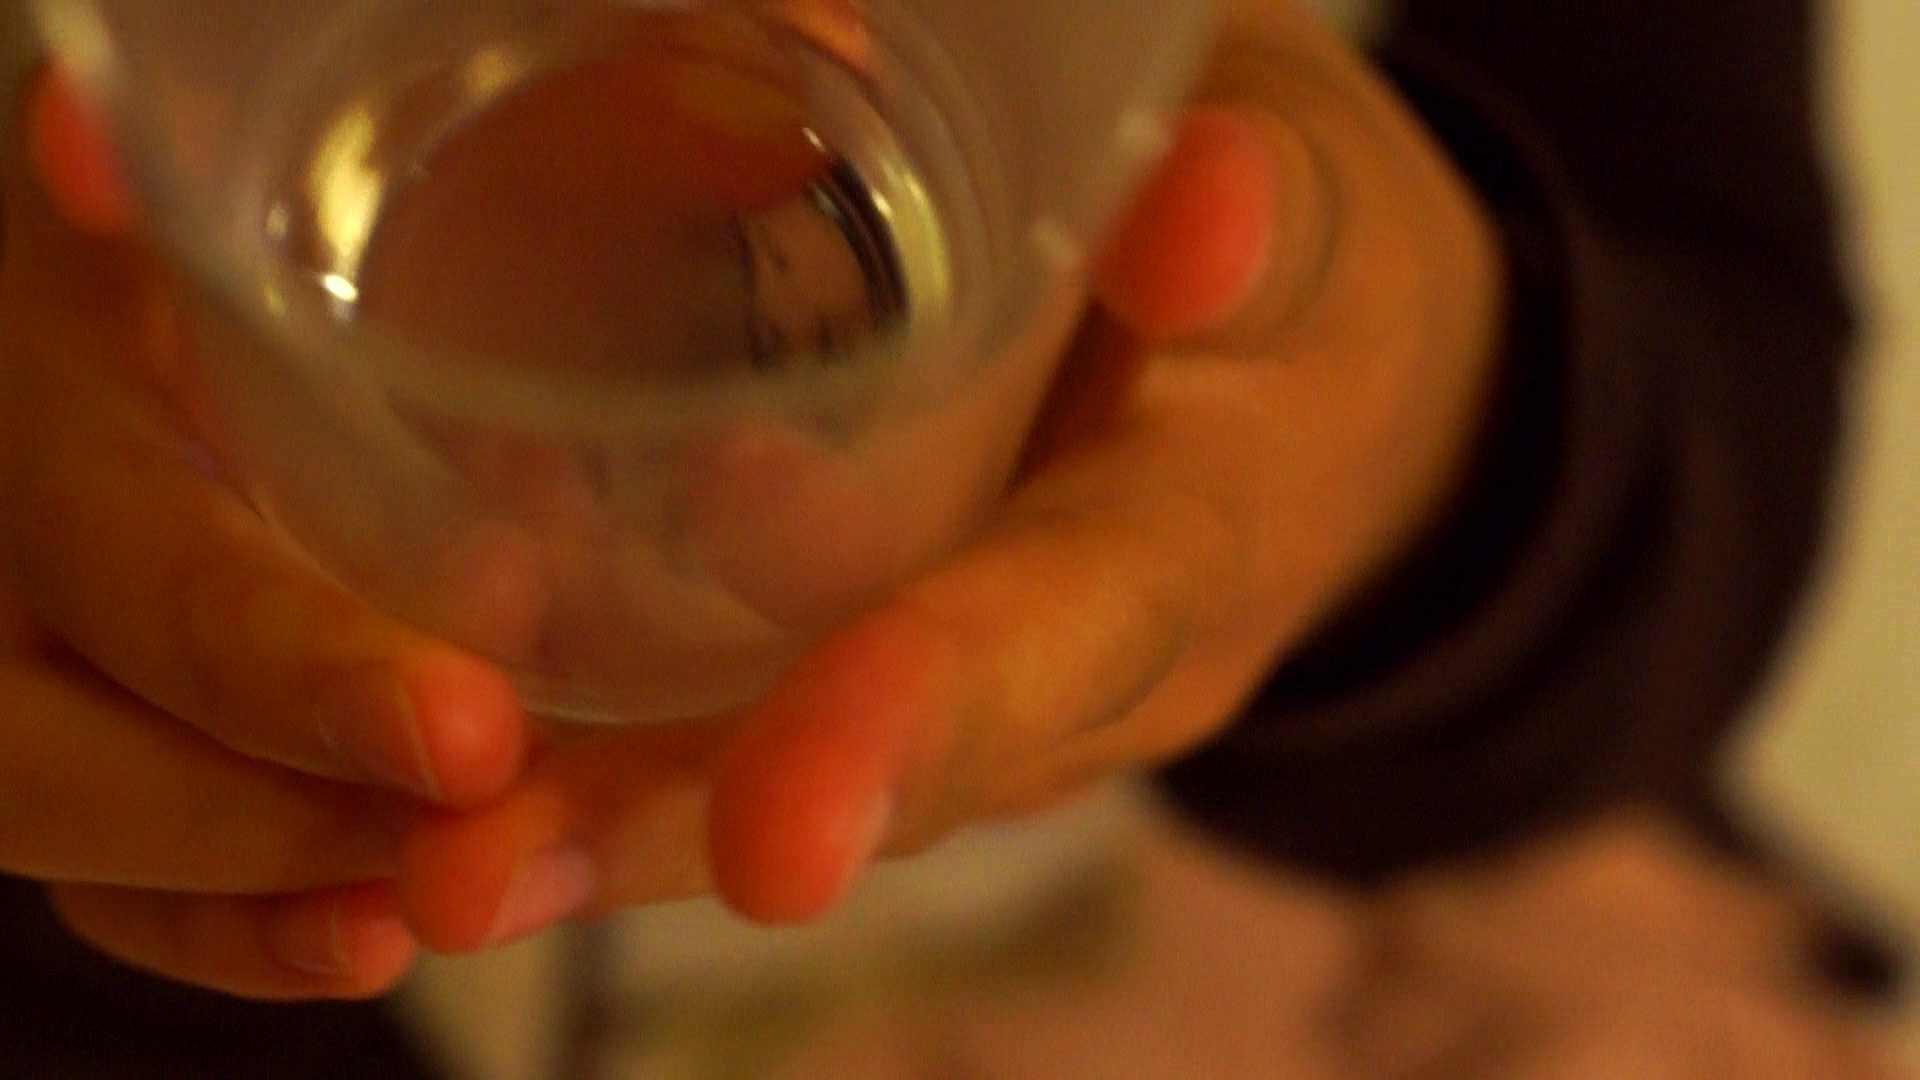 vol.12 瑞希ちゃんにコップを舐めてもらいました。 フェチ  88pic 86